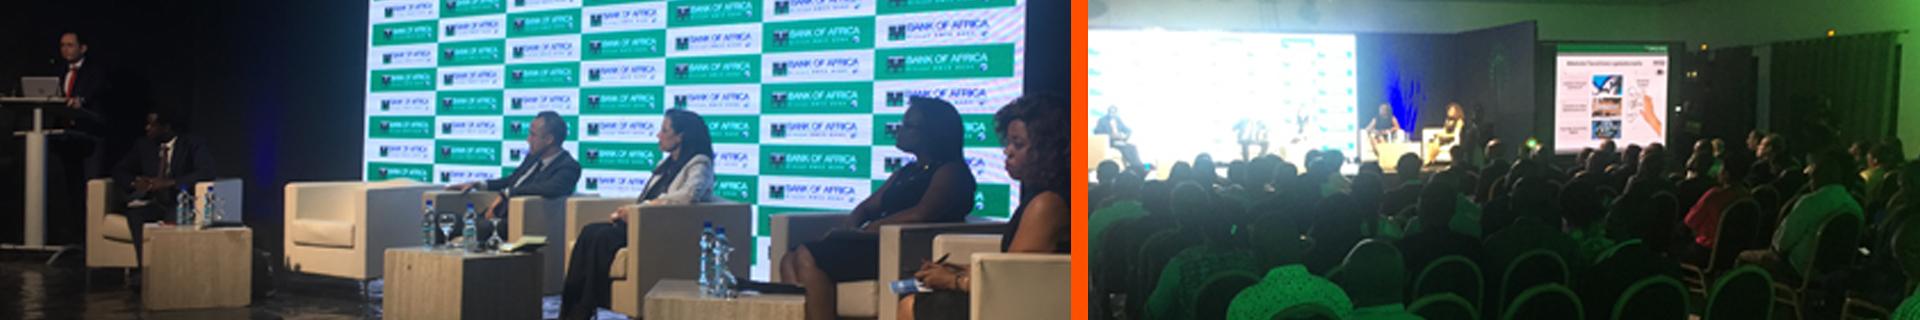 Événement BANK OF AFRICA, Rencontre avec la clientèle Entreprise, 4e édition